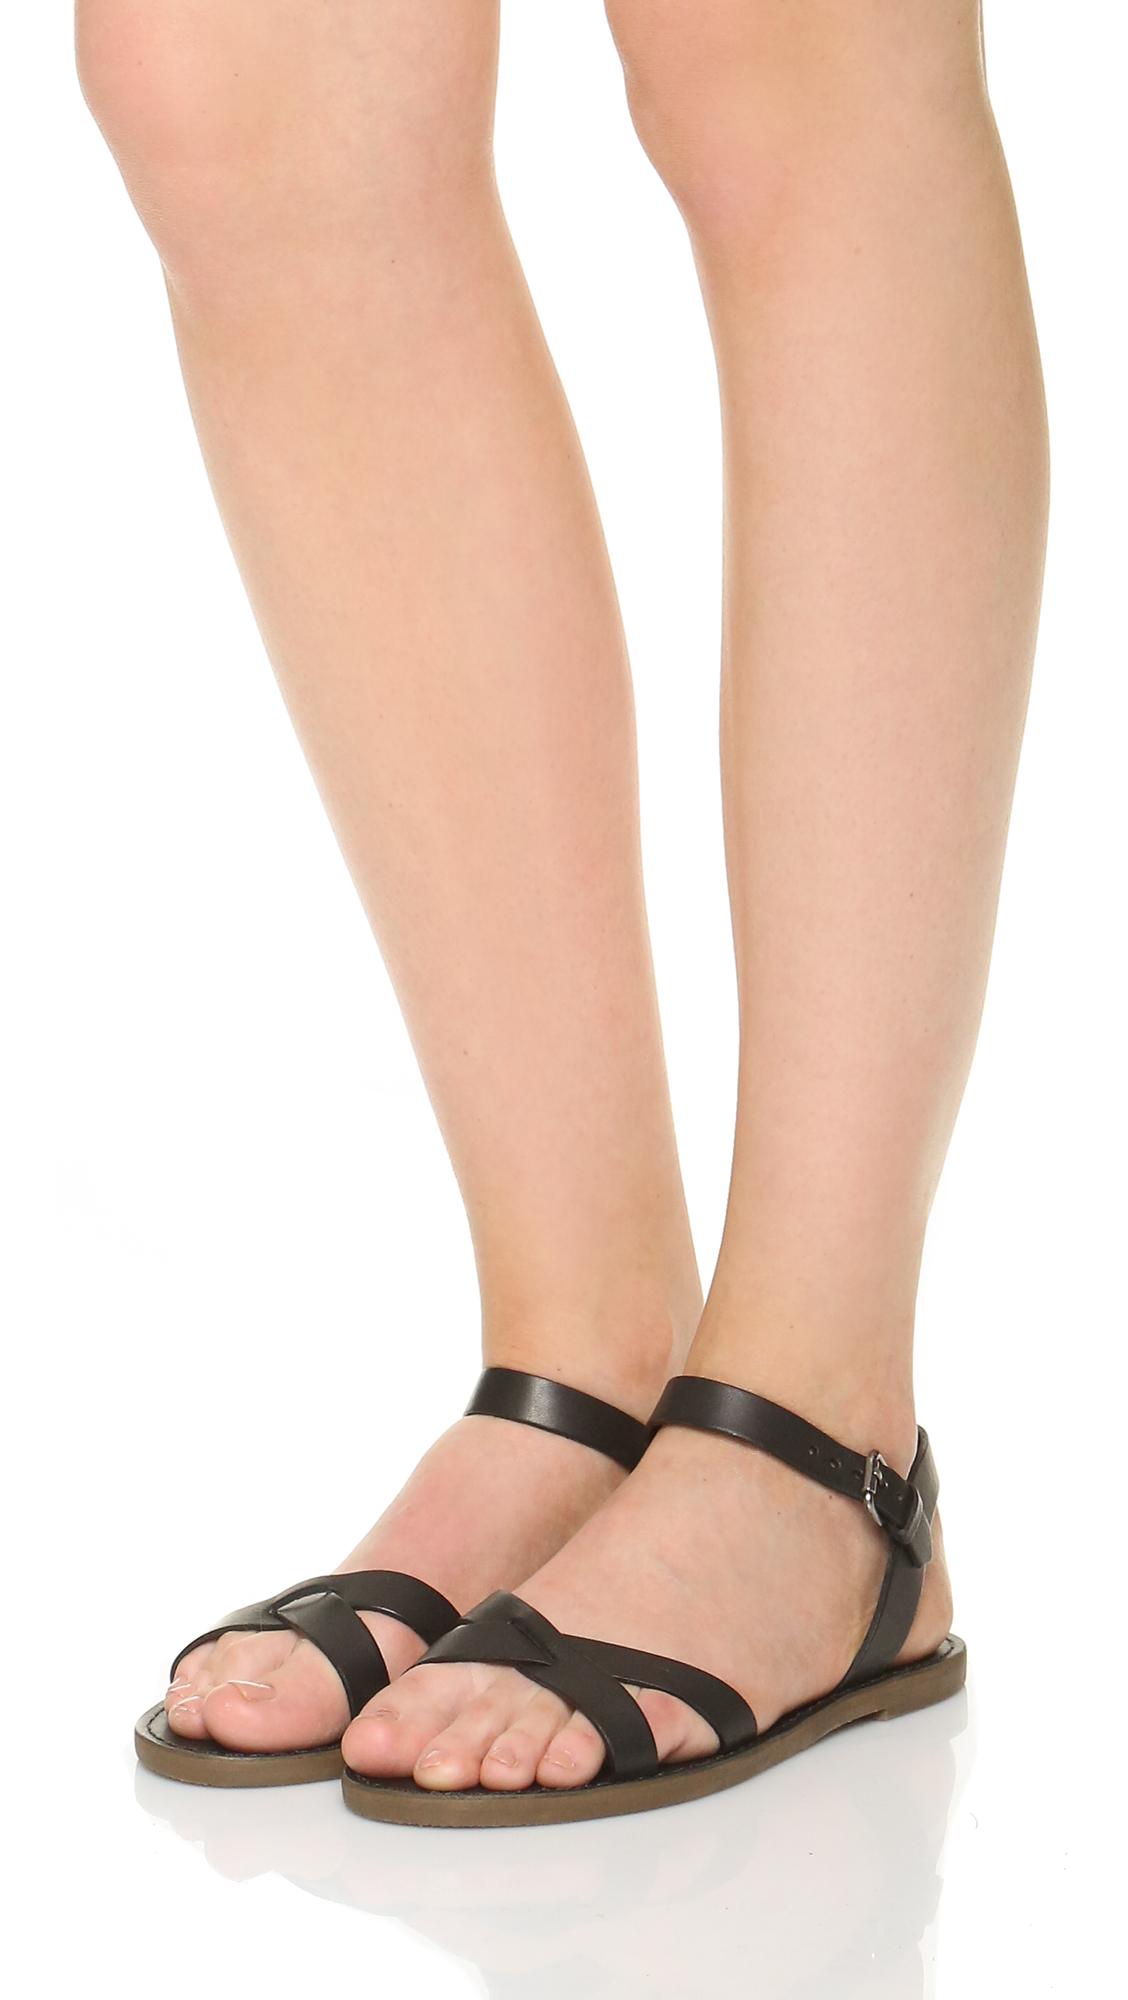 b4fb9e972 Madewell Boardwalk Crisscross Sandals | SHOPBOP